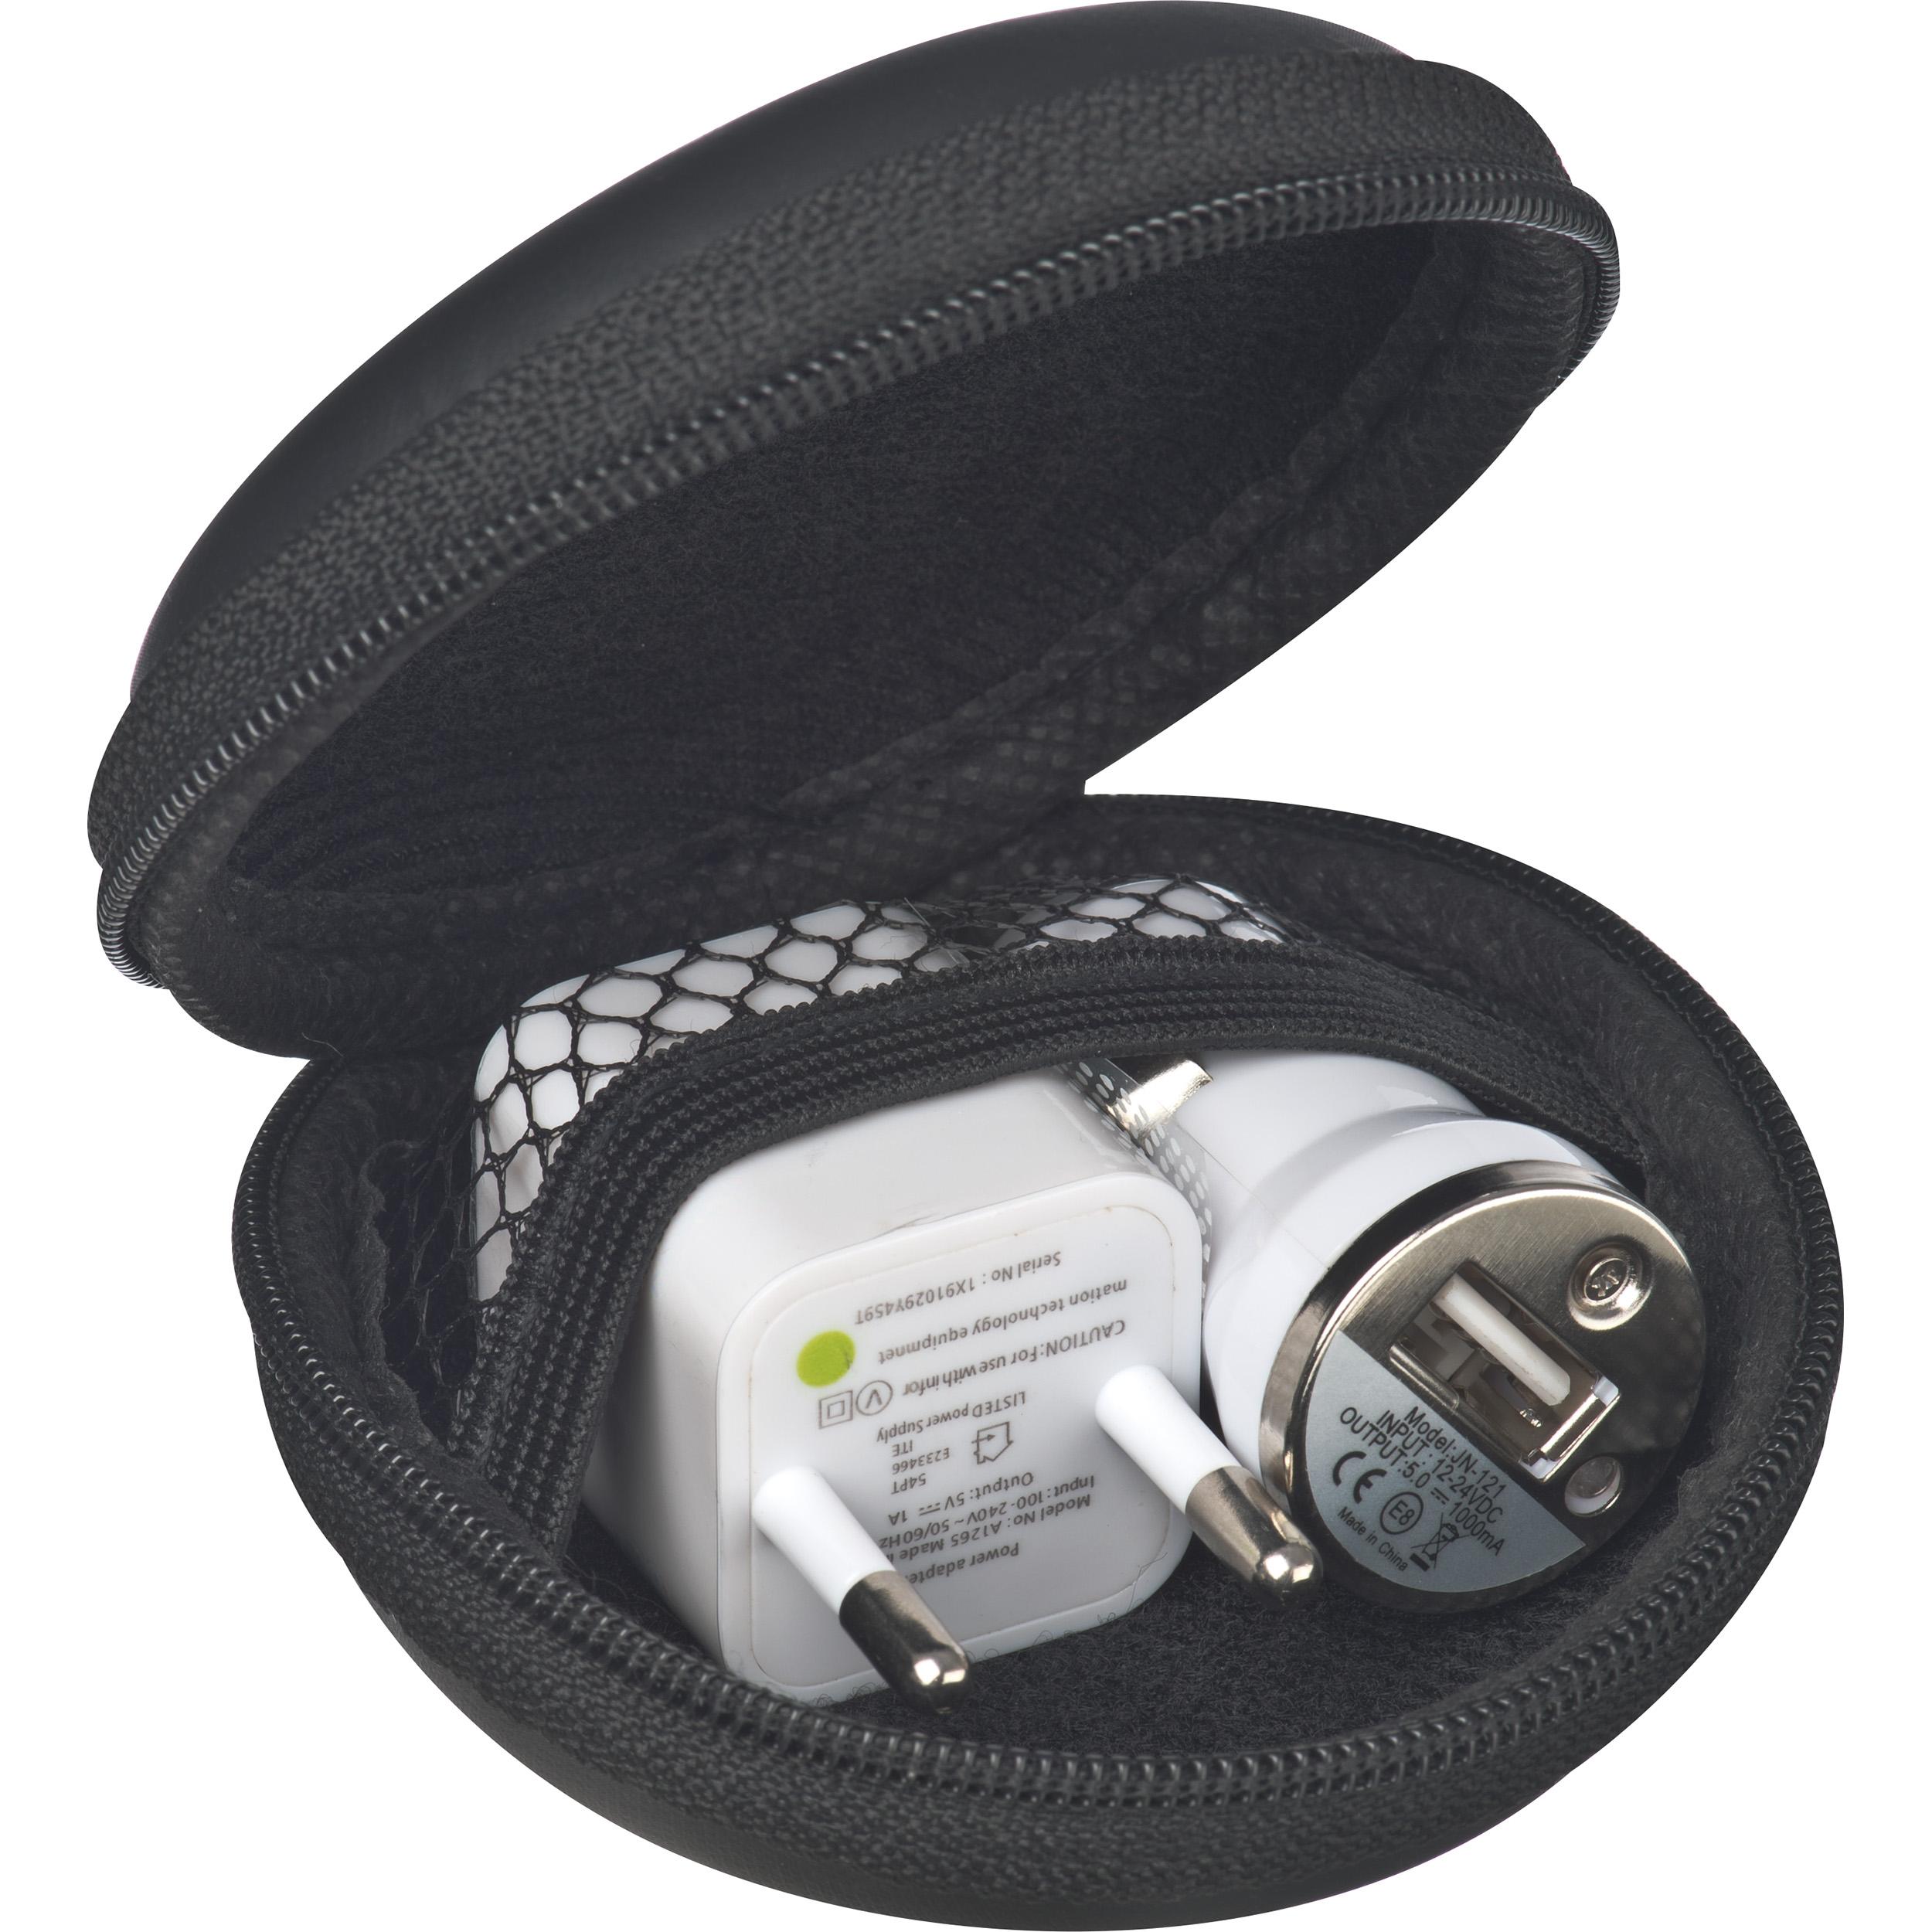 Travel Set mit EU Stecker und USB-Ladegerät